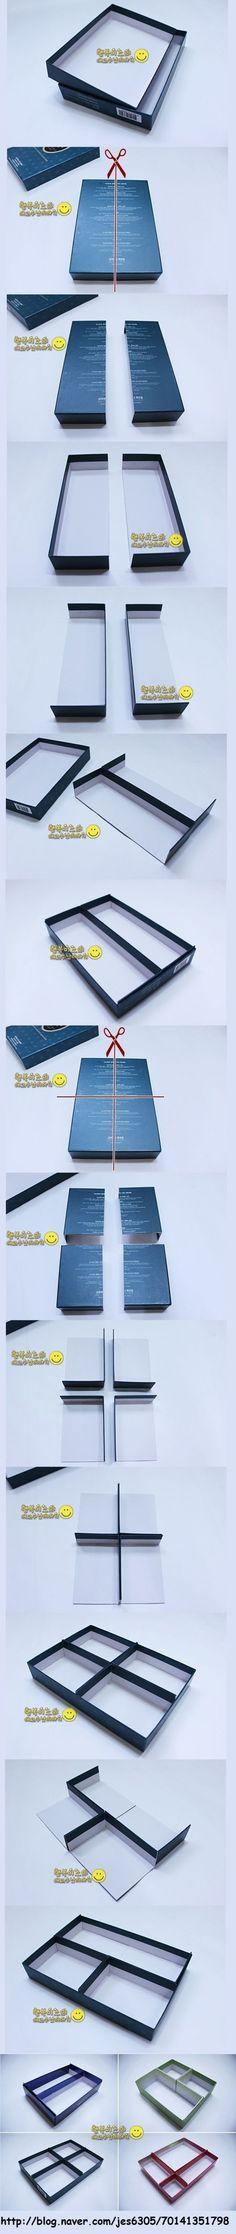 Reaproveitamento de caixas de papel. - http://pinterest.com/pin/501095896011495490/?utm_source=android_share